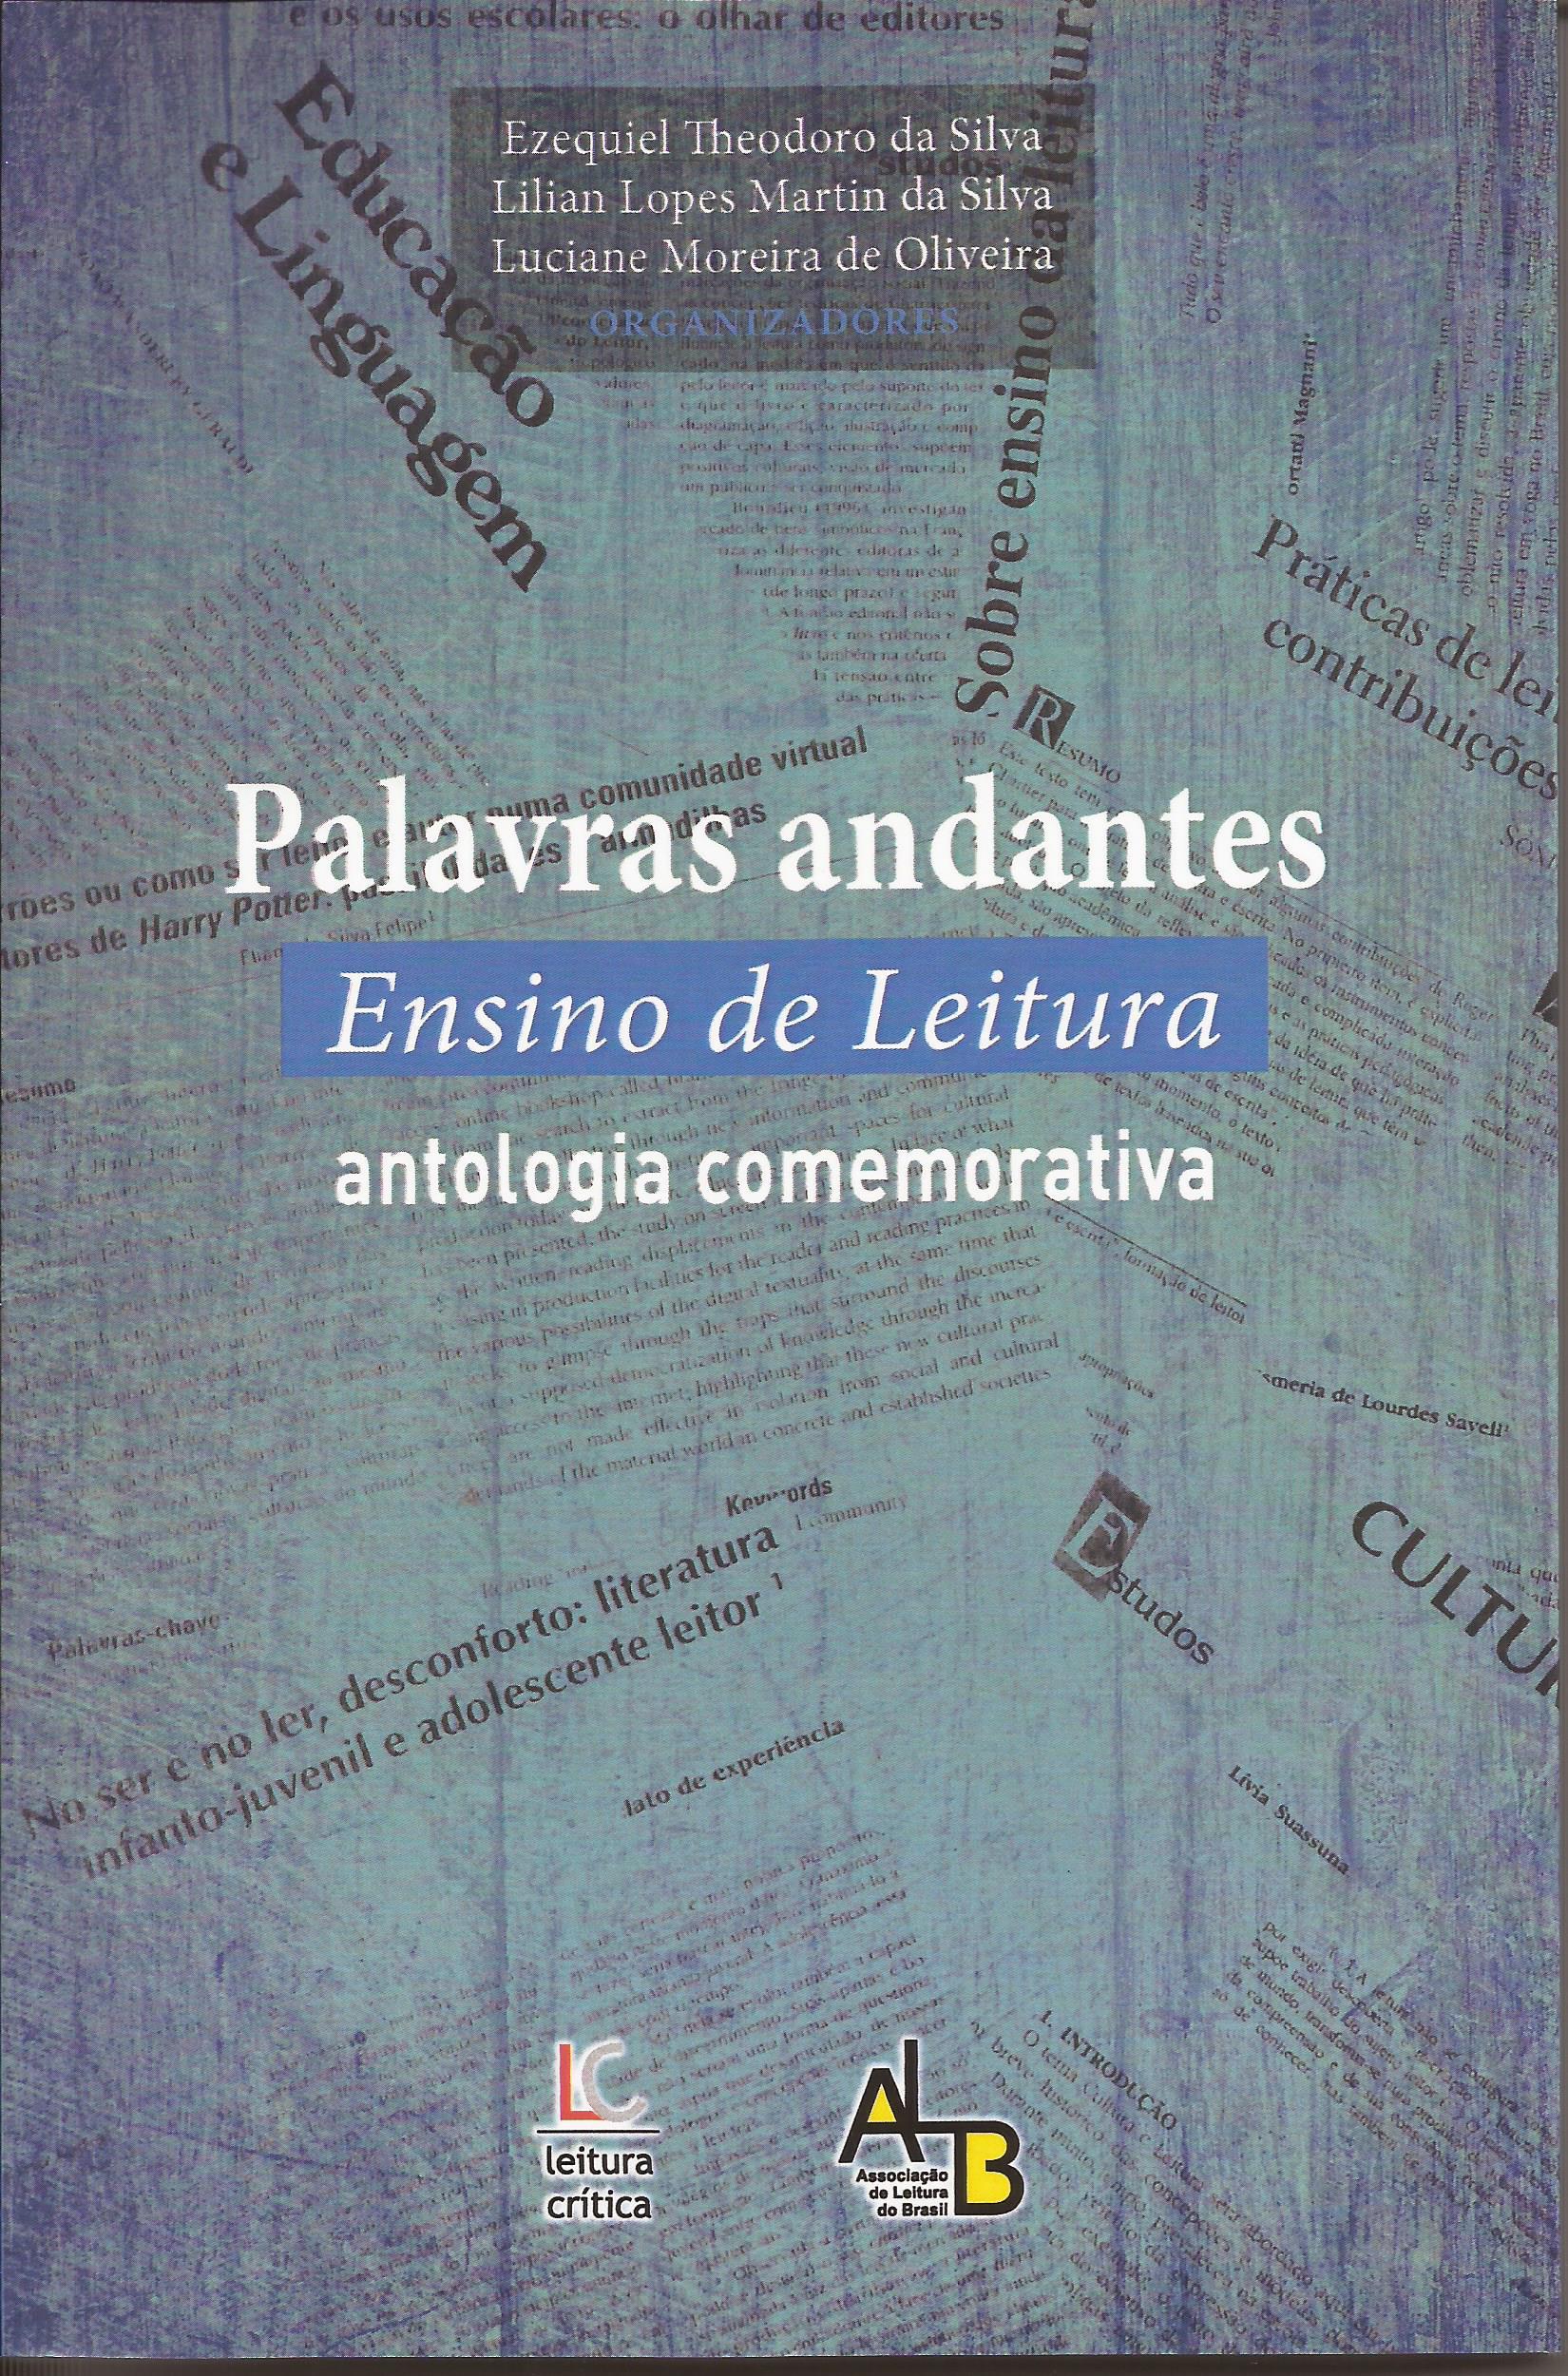 Palavras andantes – Ensino de Leitura – antologia comemorativa